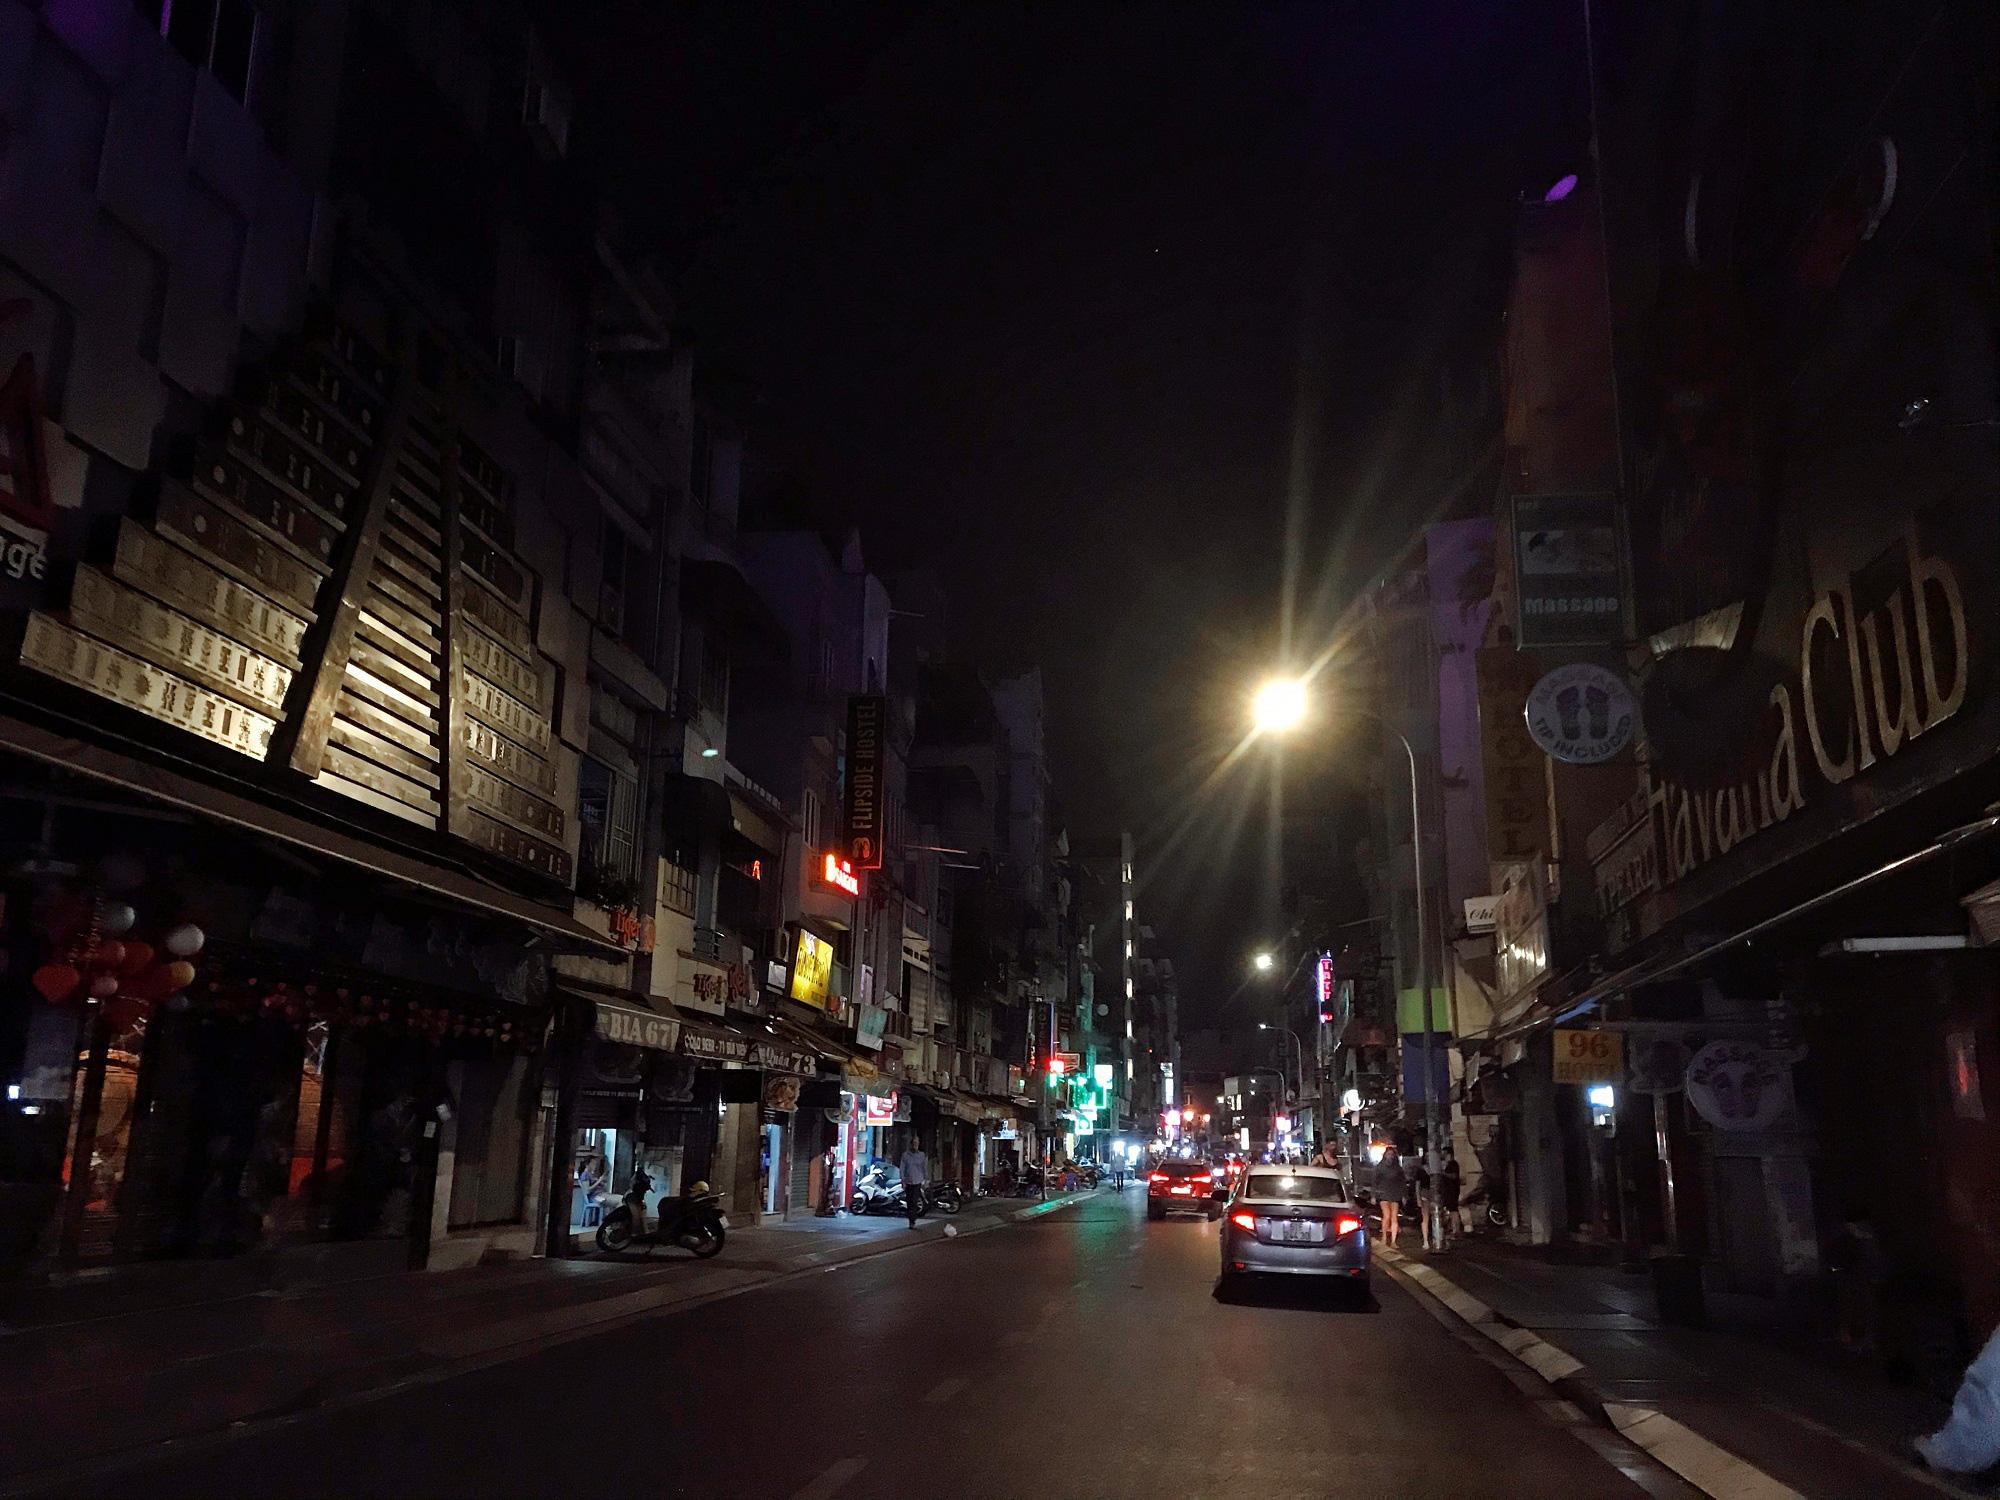 """Sài Gòn 16/3: Các điểm vui chơi, du lịch tham quan tại quận 1 """"vắng lặng"""" giữa mùa dịch Corona - Ảnh 9."""